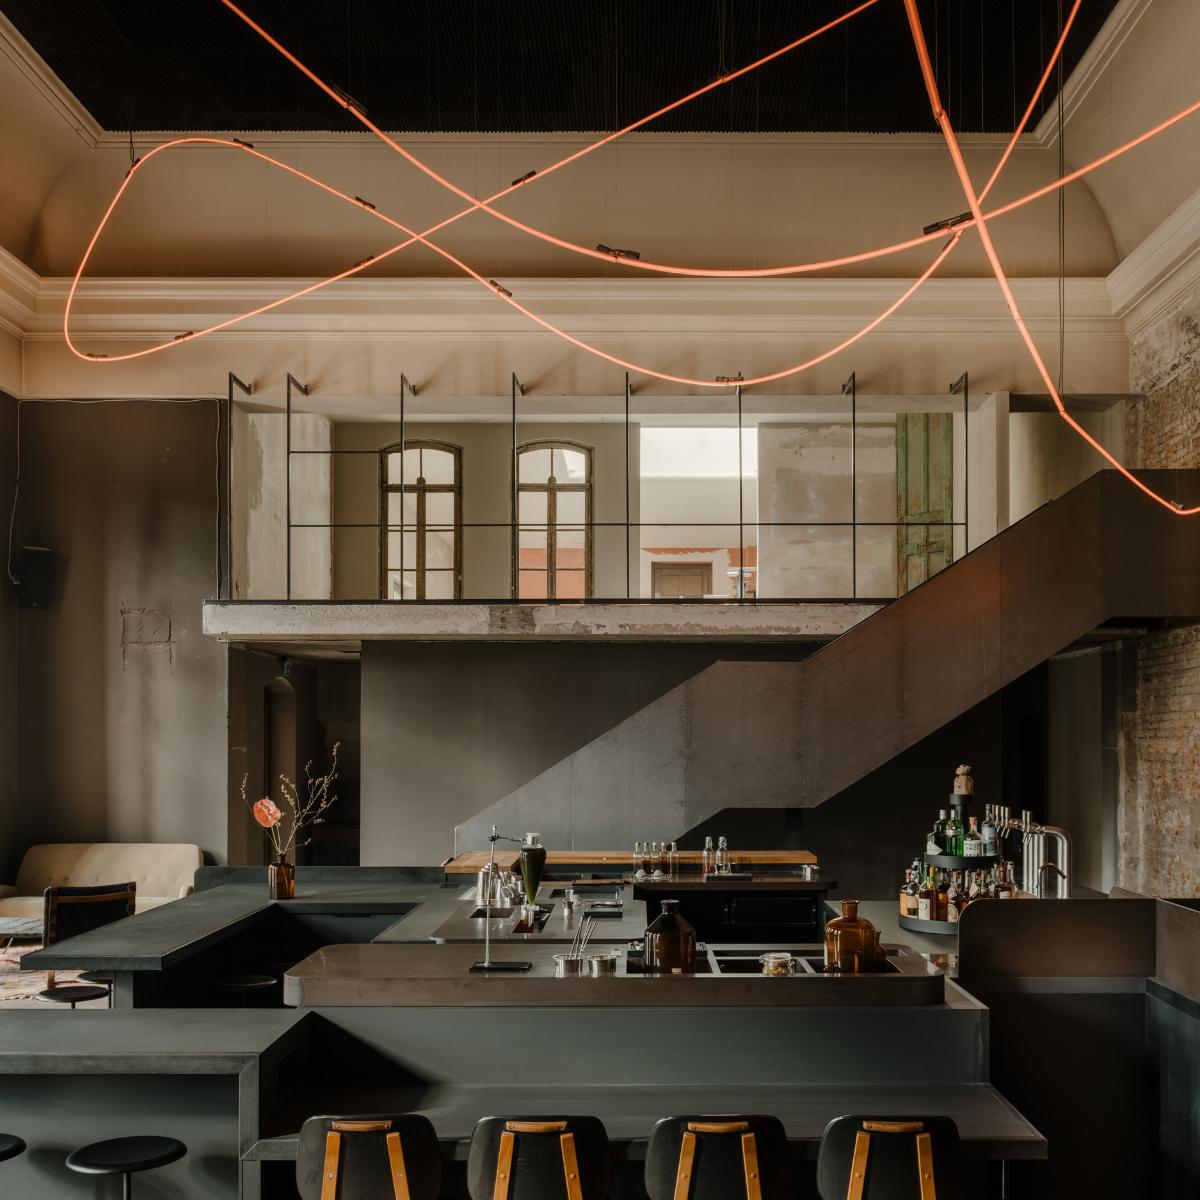 Kink Bar & Restaurant by Robert Rieger